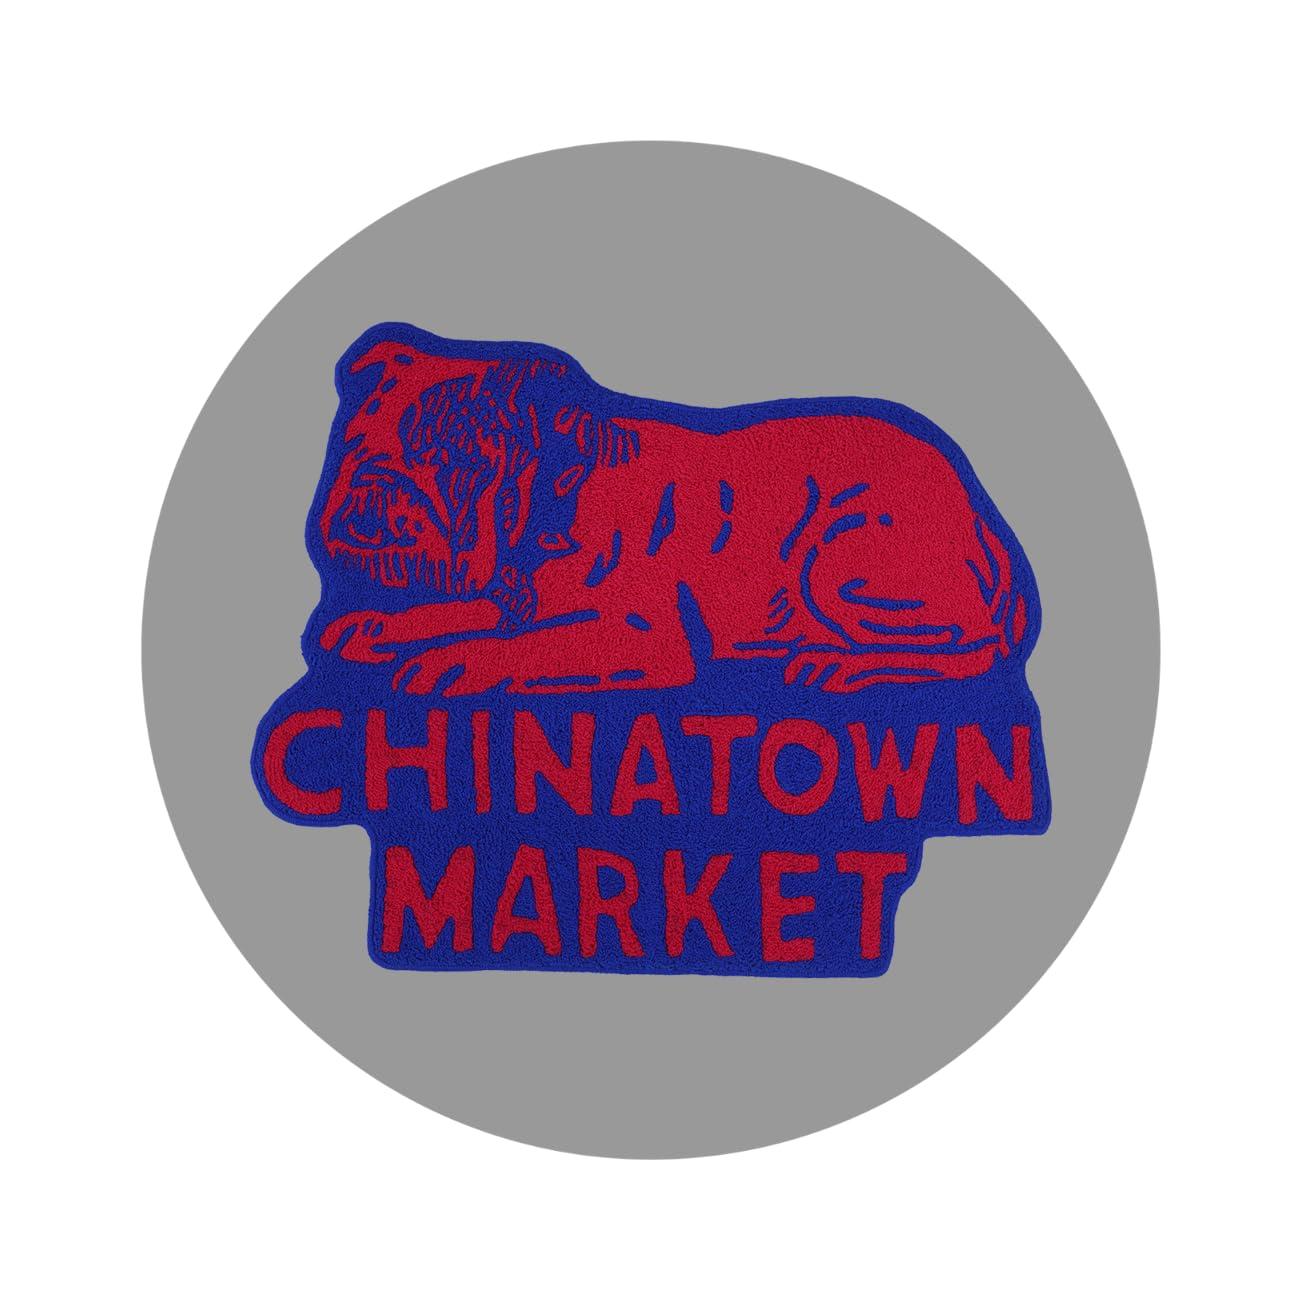 Chinatown Market Bull Dog Rug